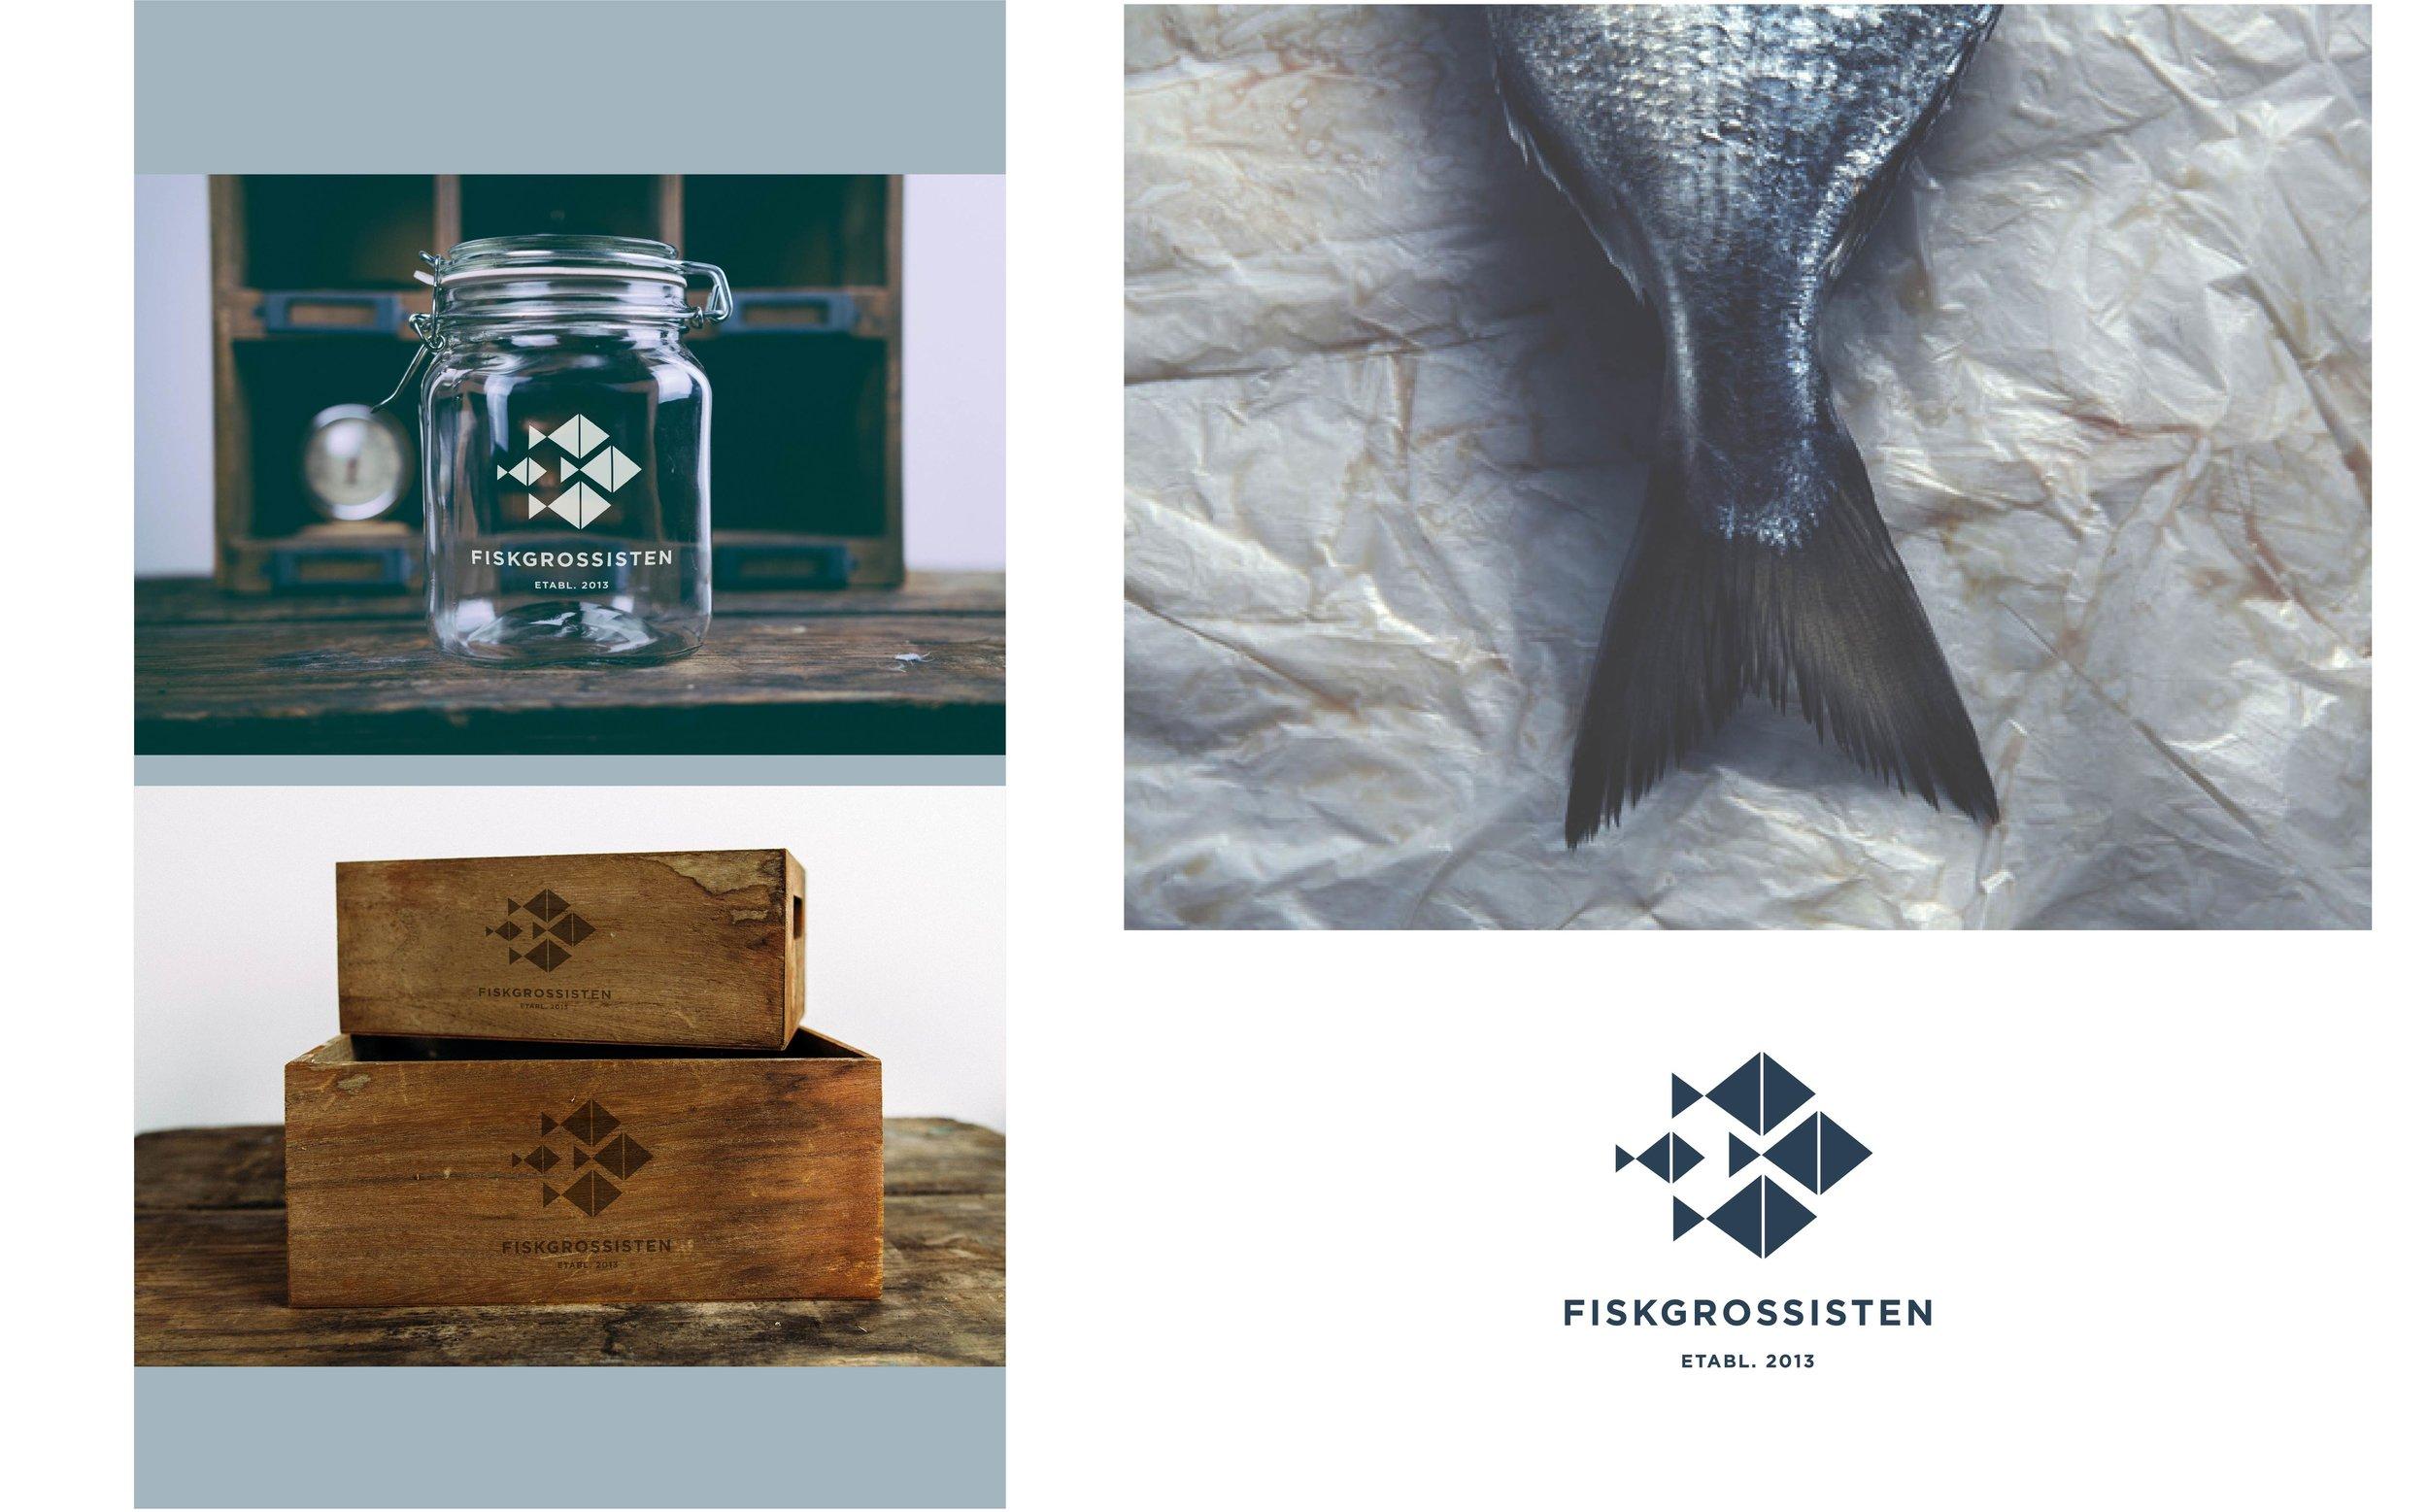 fiskgrossisten-04.jpg